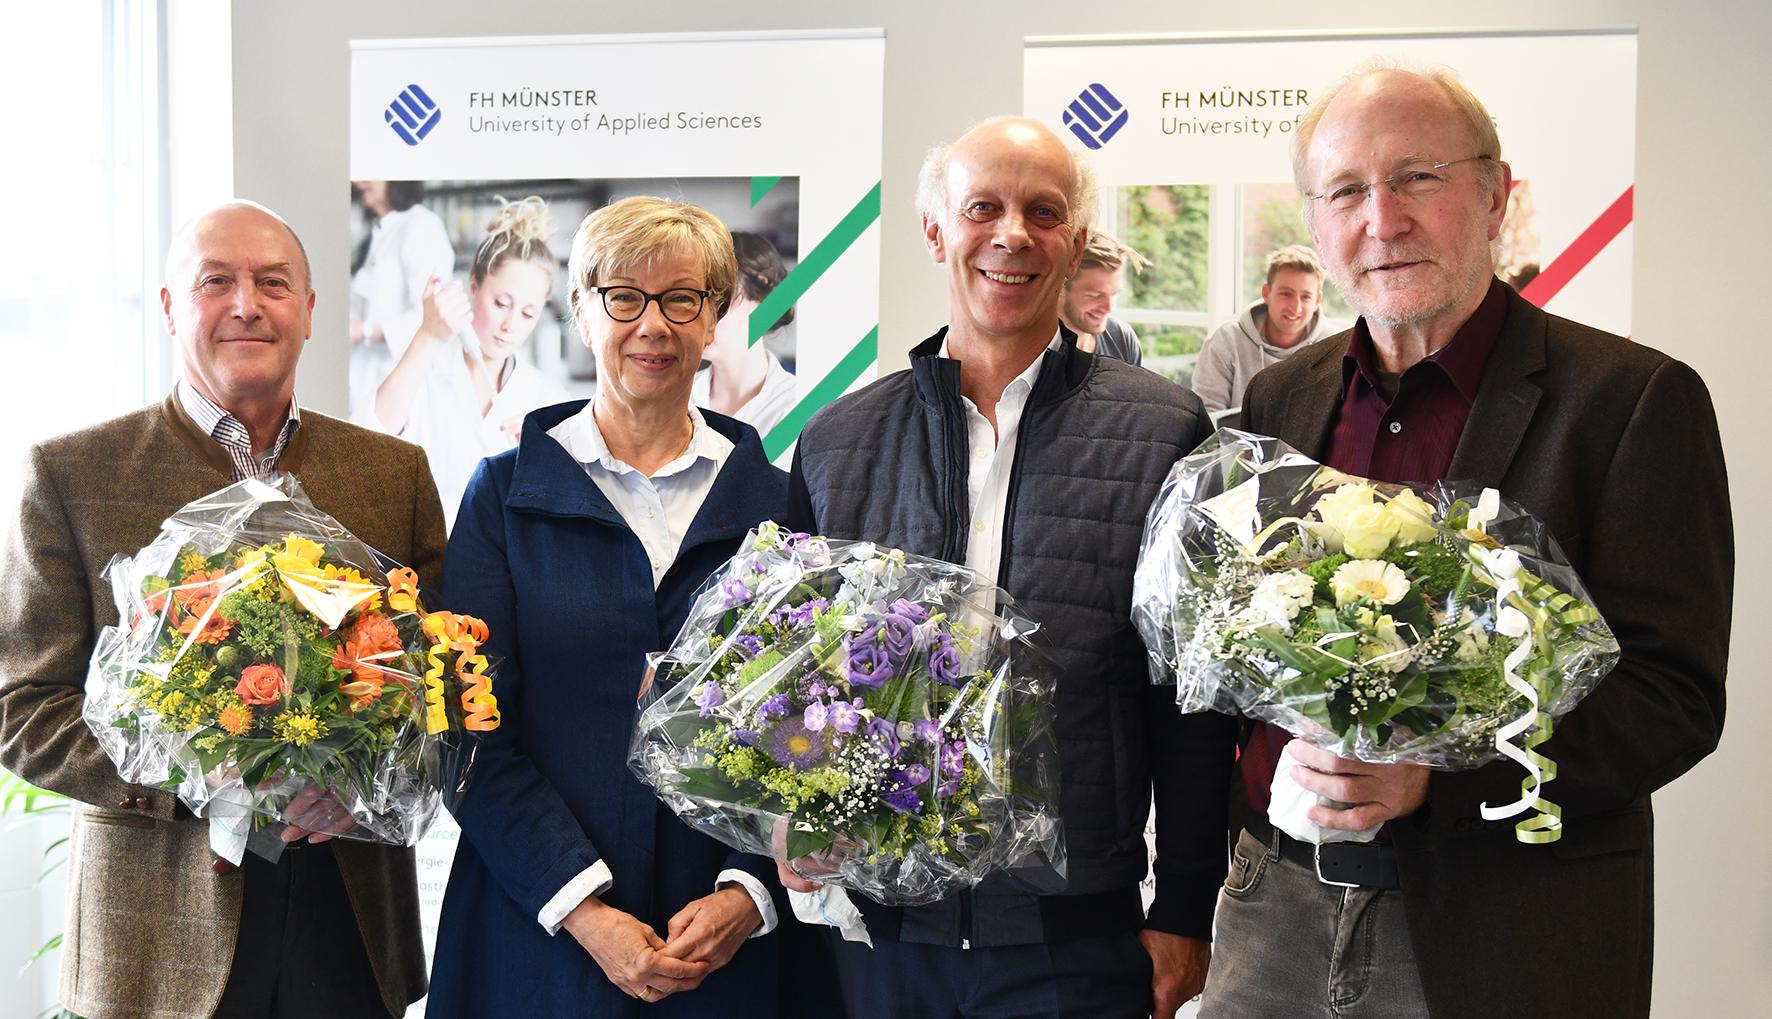 Präsidentin mit Mani, Dickmann, Schone